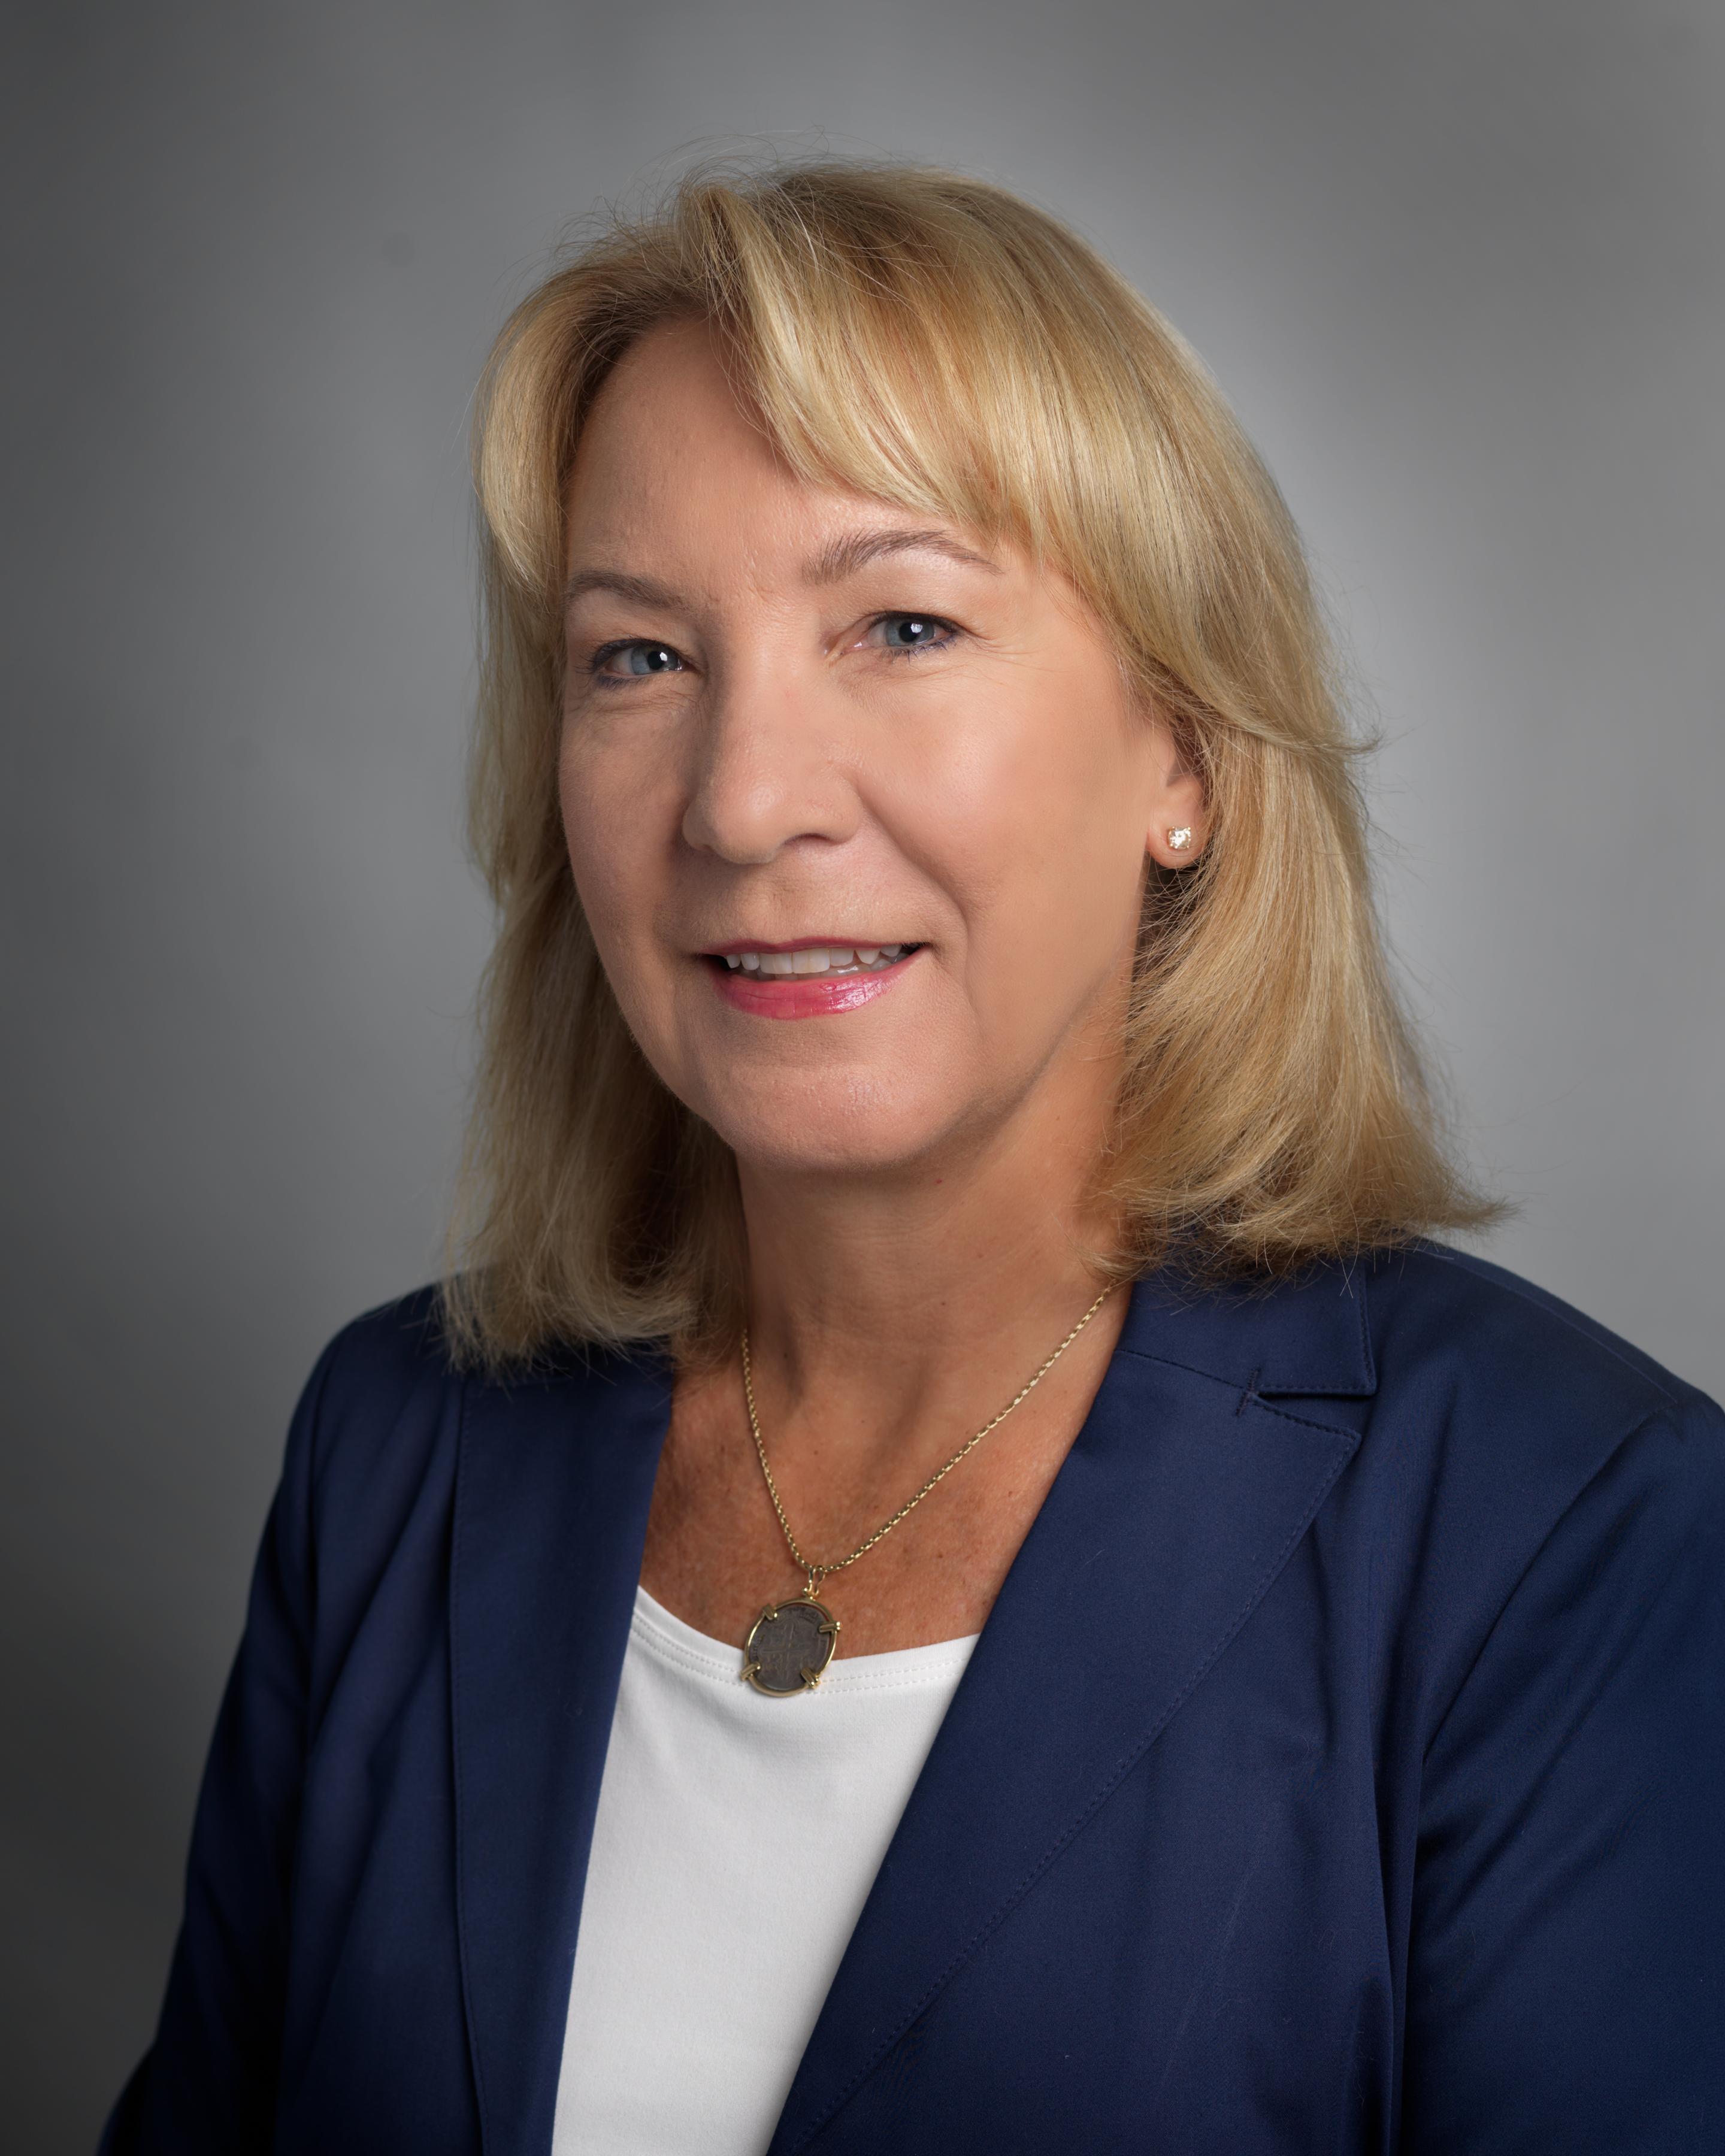 Barbara Sibley